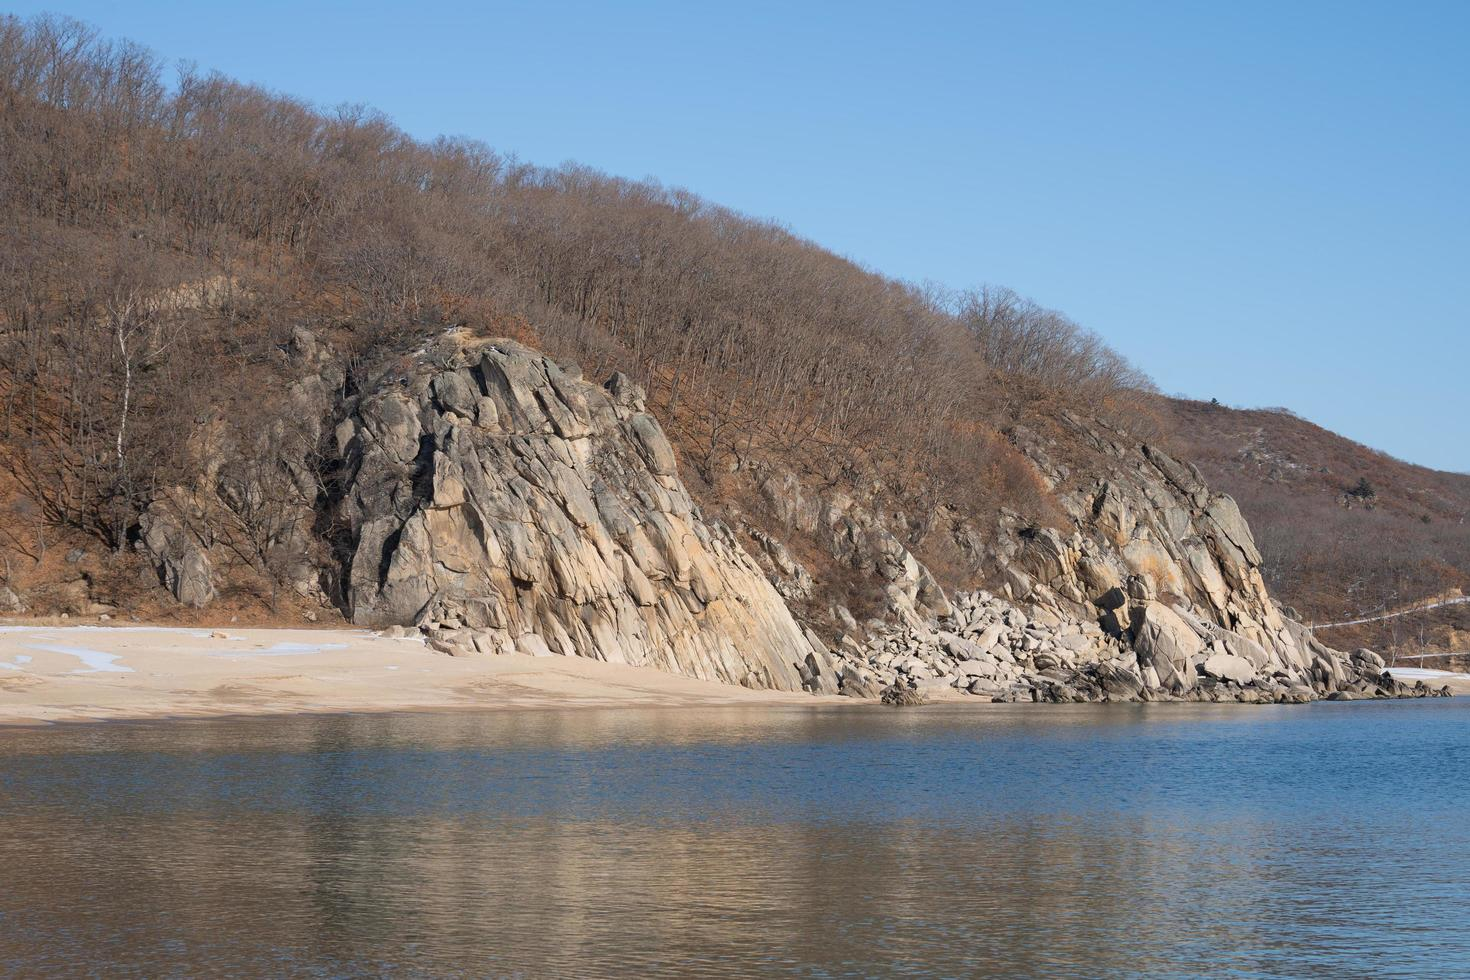 Seelandschaft mit Blick auf Felsen im Schnee. foto